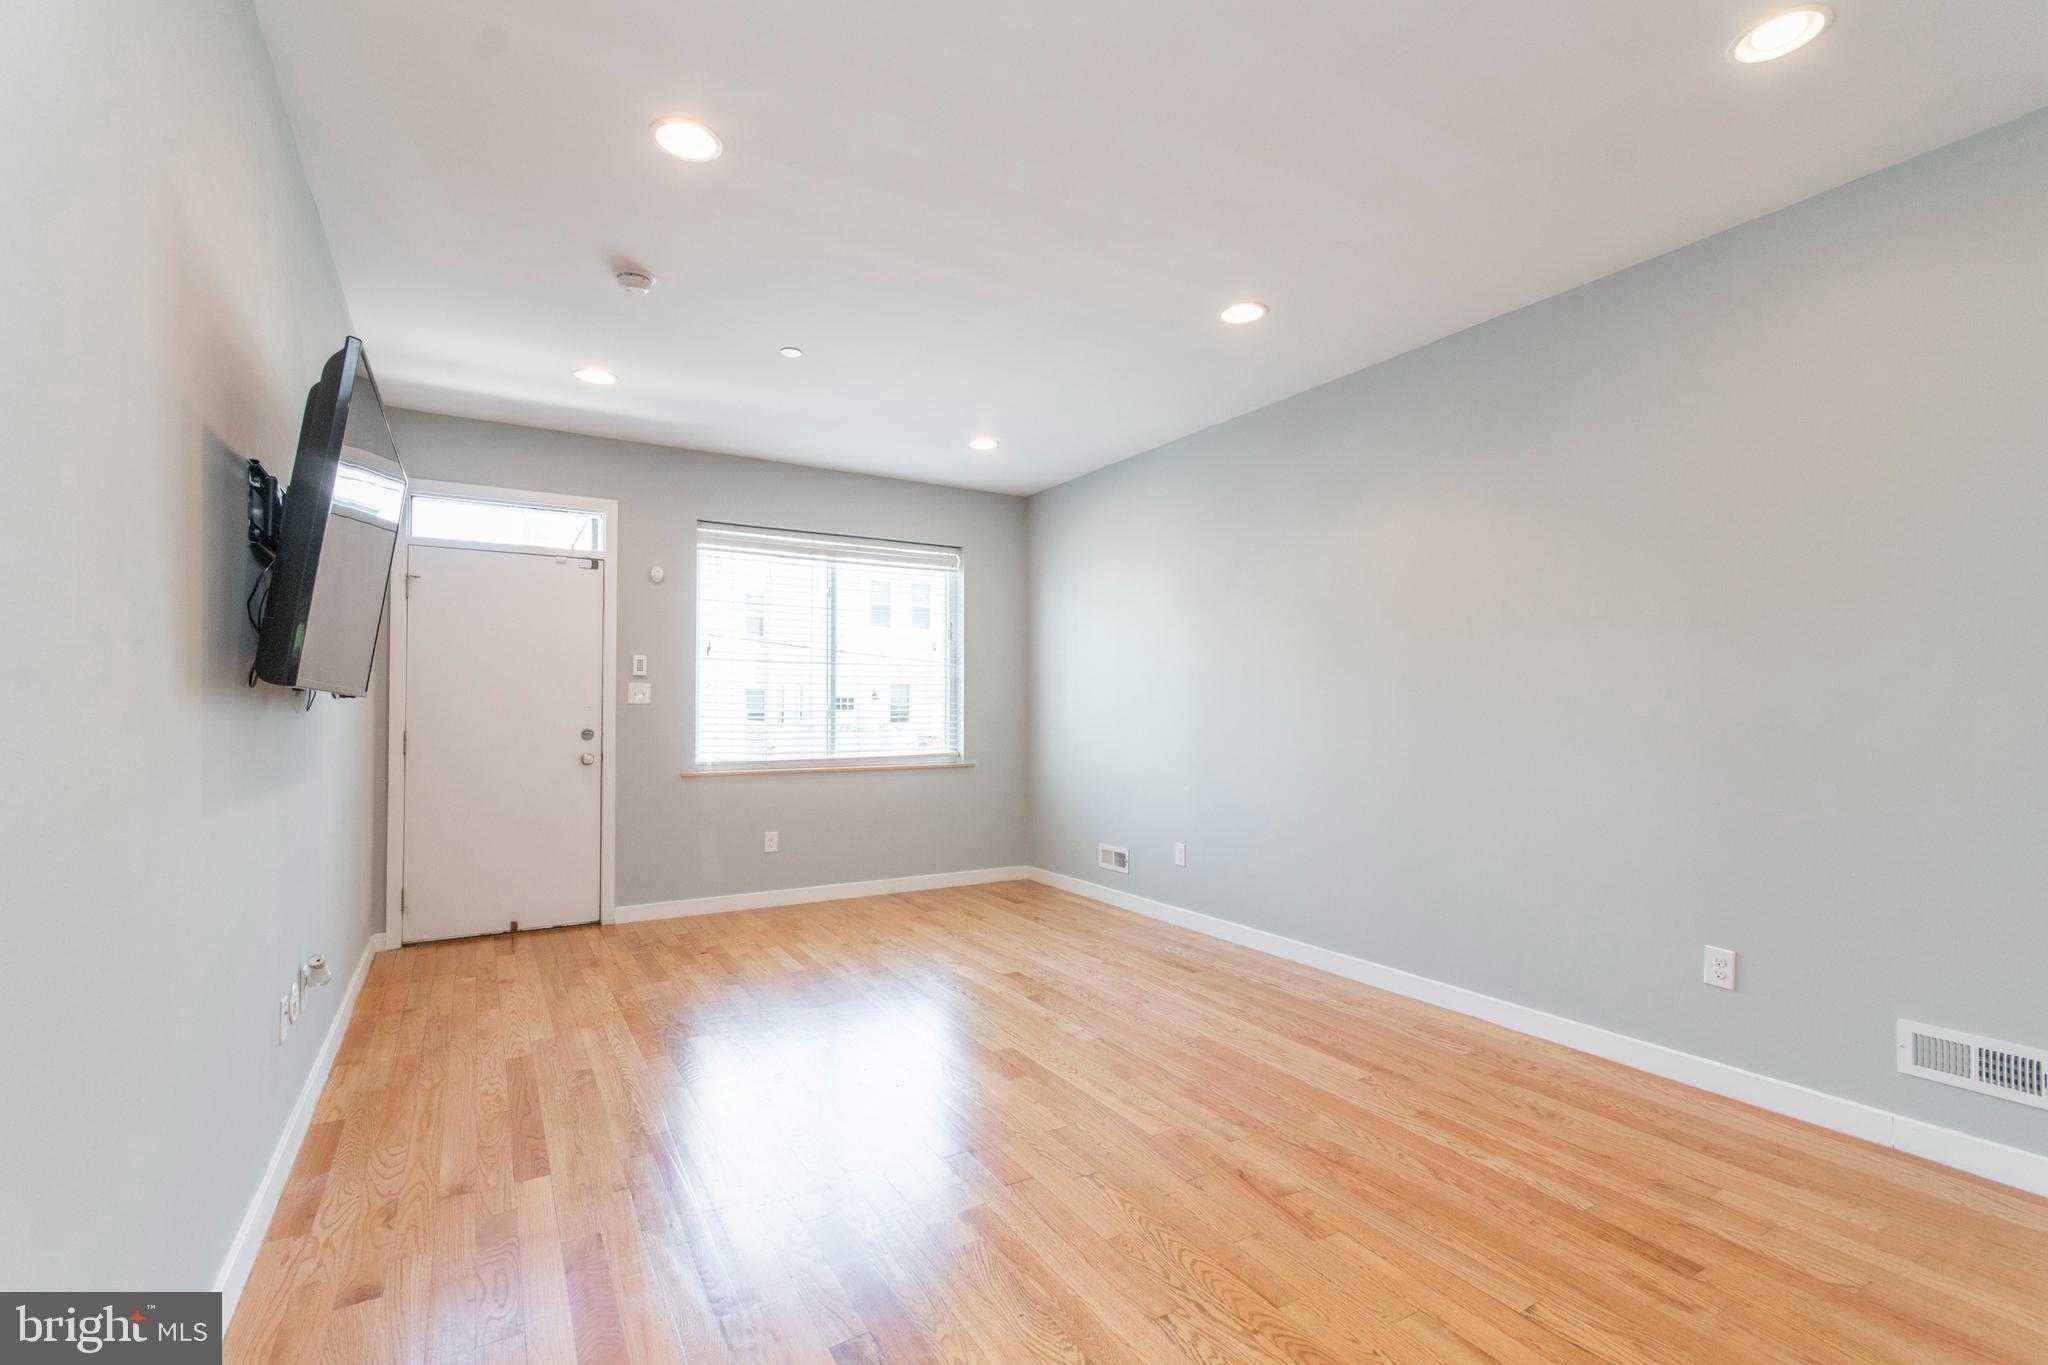 $515,000 - 3Br/3Ba -  for Sale in Point Breeze, Philadelphia